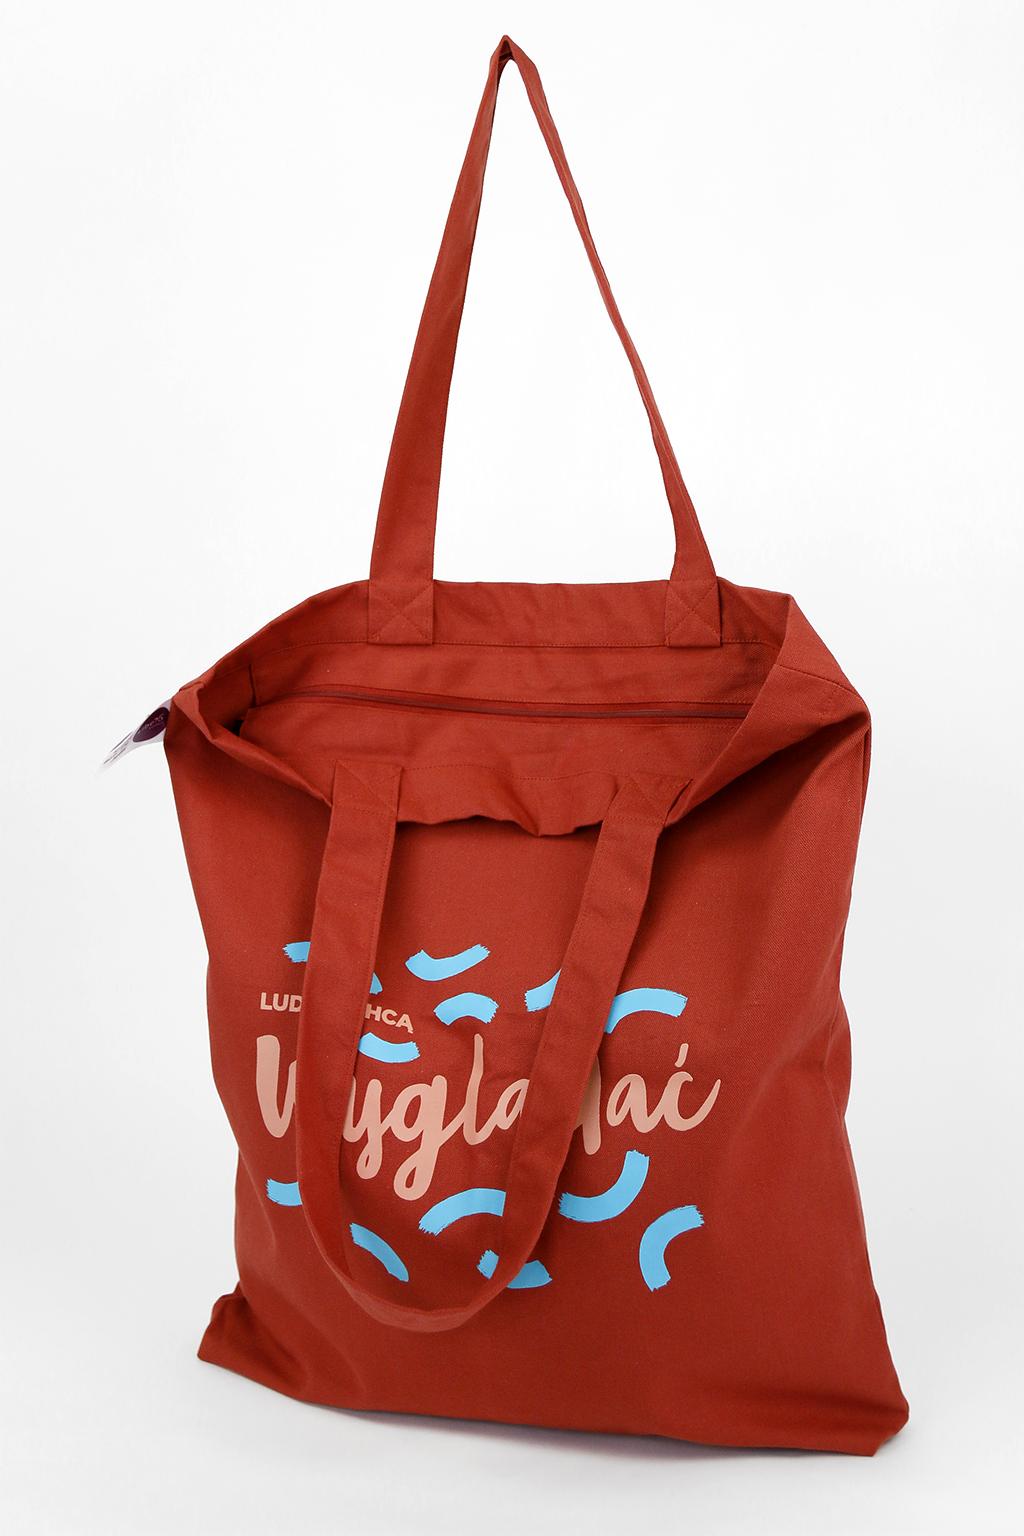 bawełniana torba na ramię zamykana na zamek błyskawiczny, torba w kolorze ceglanym z kolorowym nadrukiem: ludzie chcą wyglądać